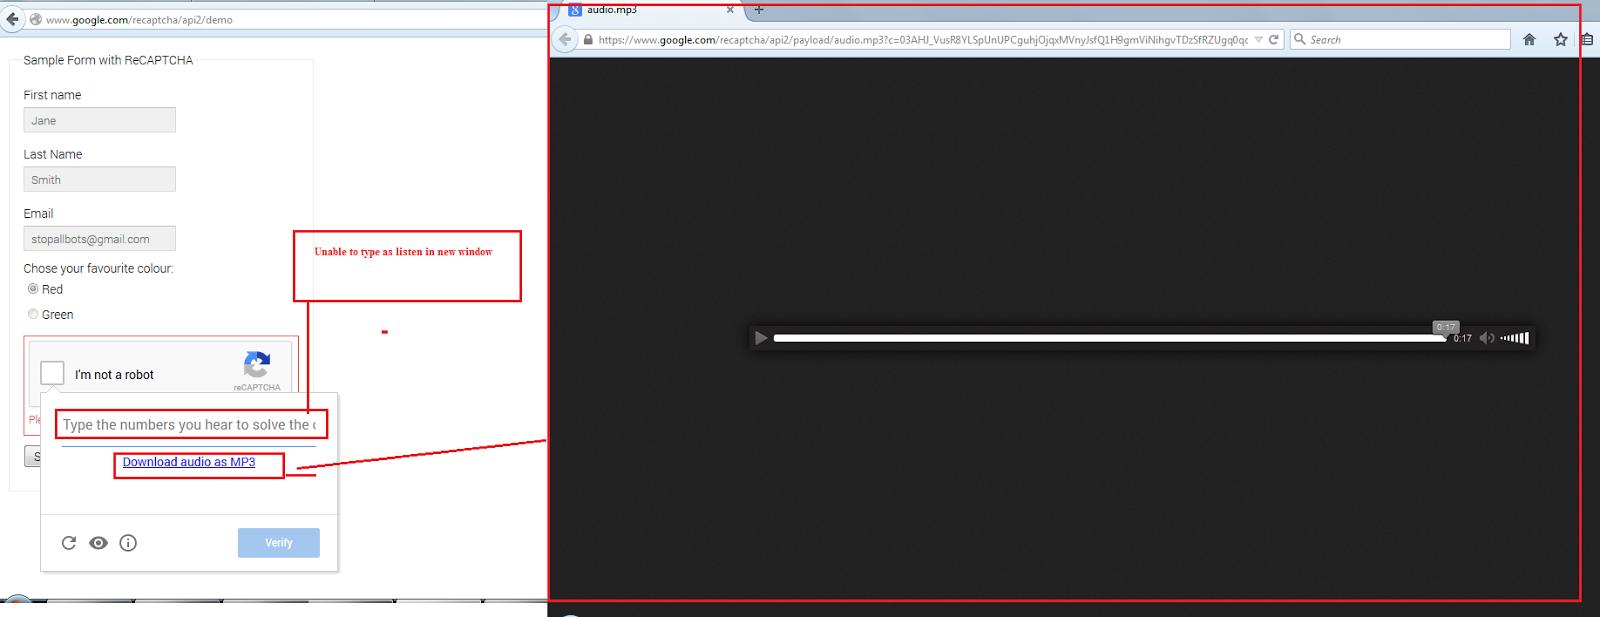 Google ReCAPTCHA – I'm not a robot - Issues -  http://www.google.com/recaptcha/api2/demo